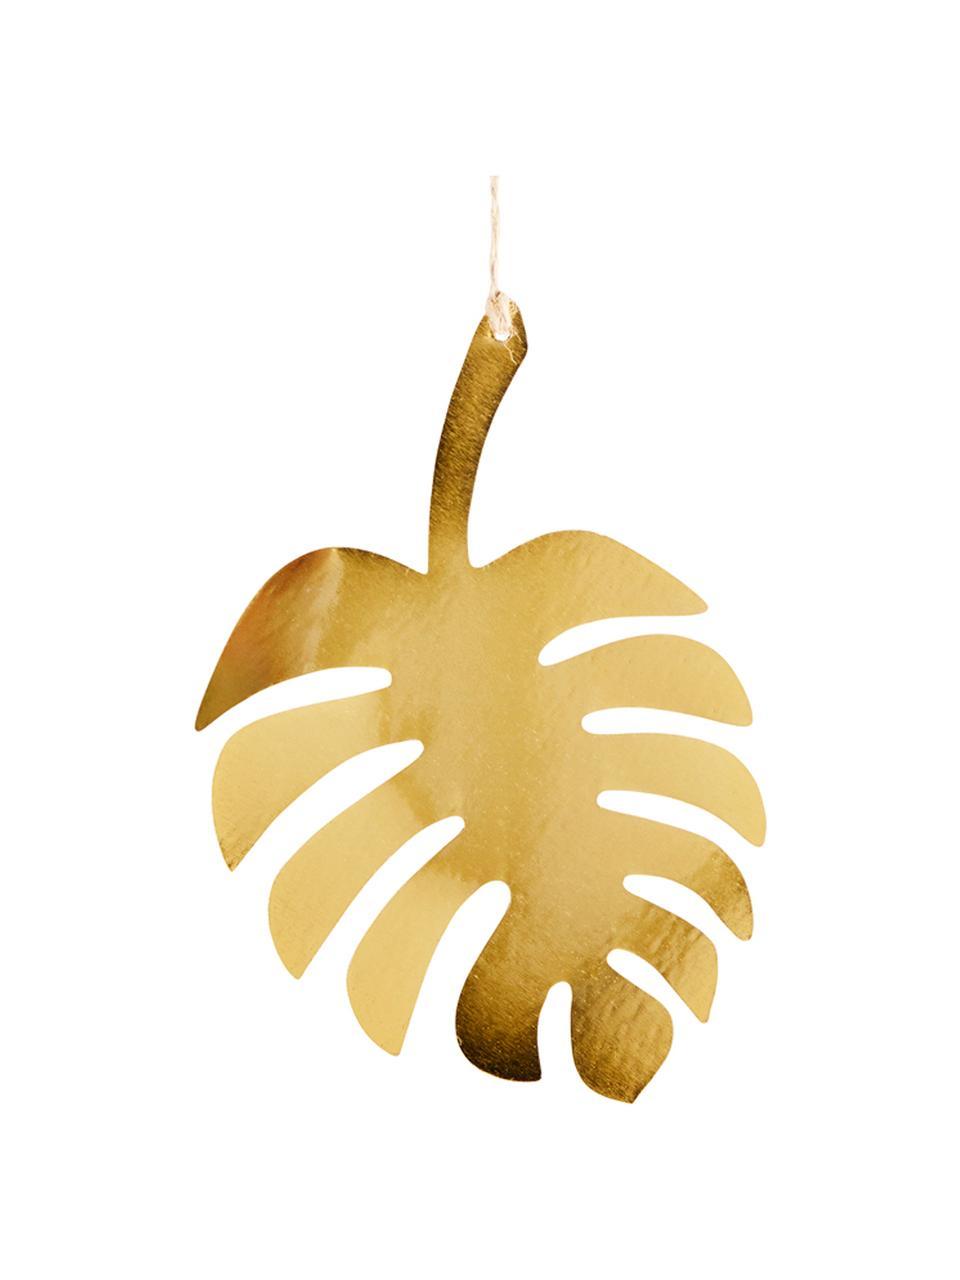 Wandobjekt Leaf aus beschichtetem Metall, Metall, beschichtet, Jute, Messingfarben, 12 x 18 cm